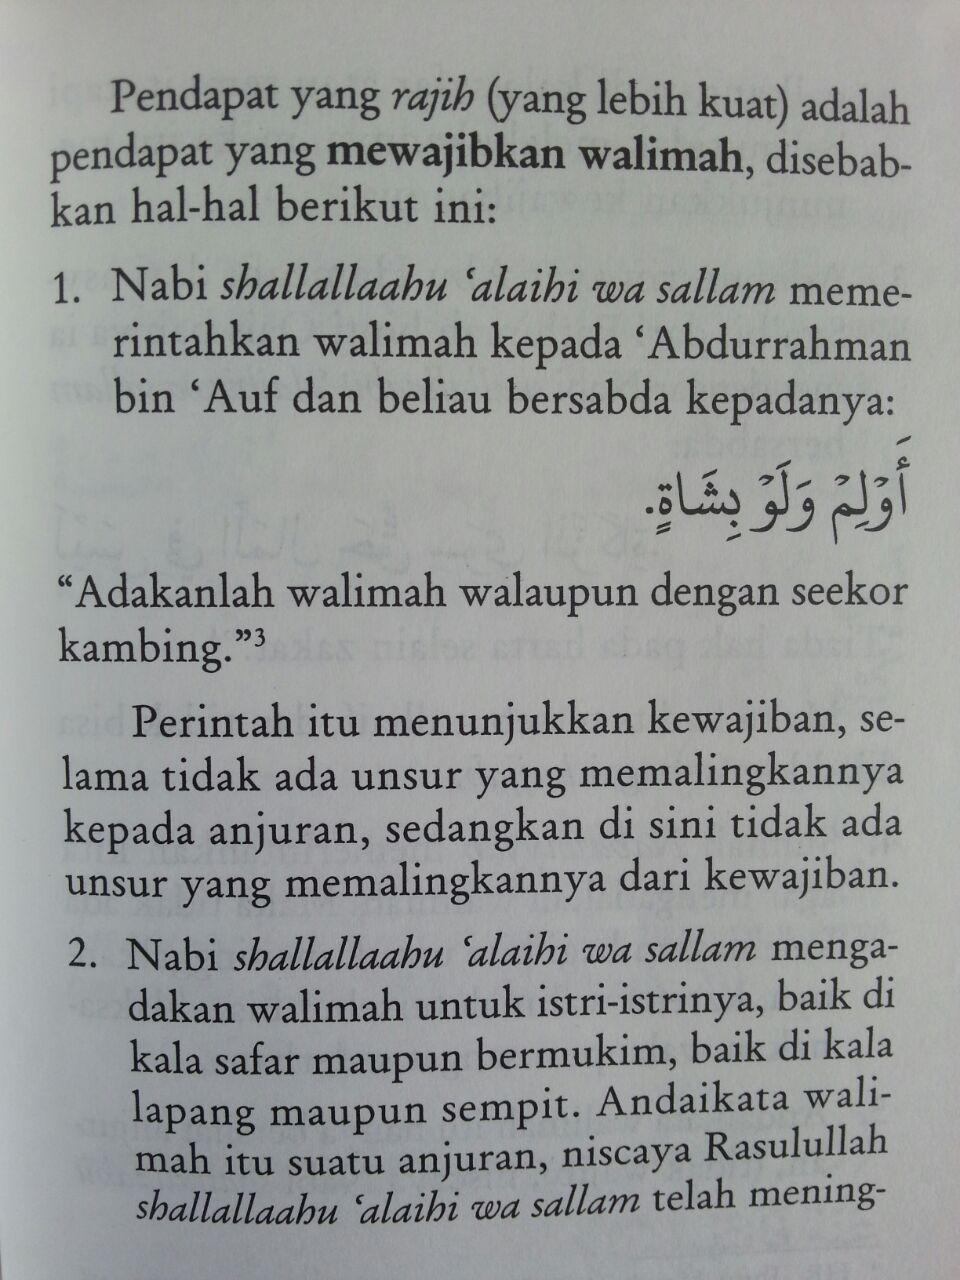 Buku Saku Tuntunan Praktis Adab Walimah Menurut Qur'an Dan Sunnah isi 3